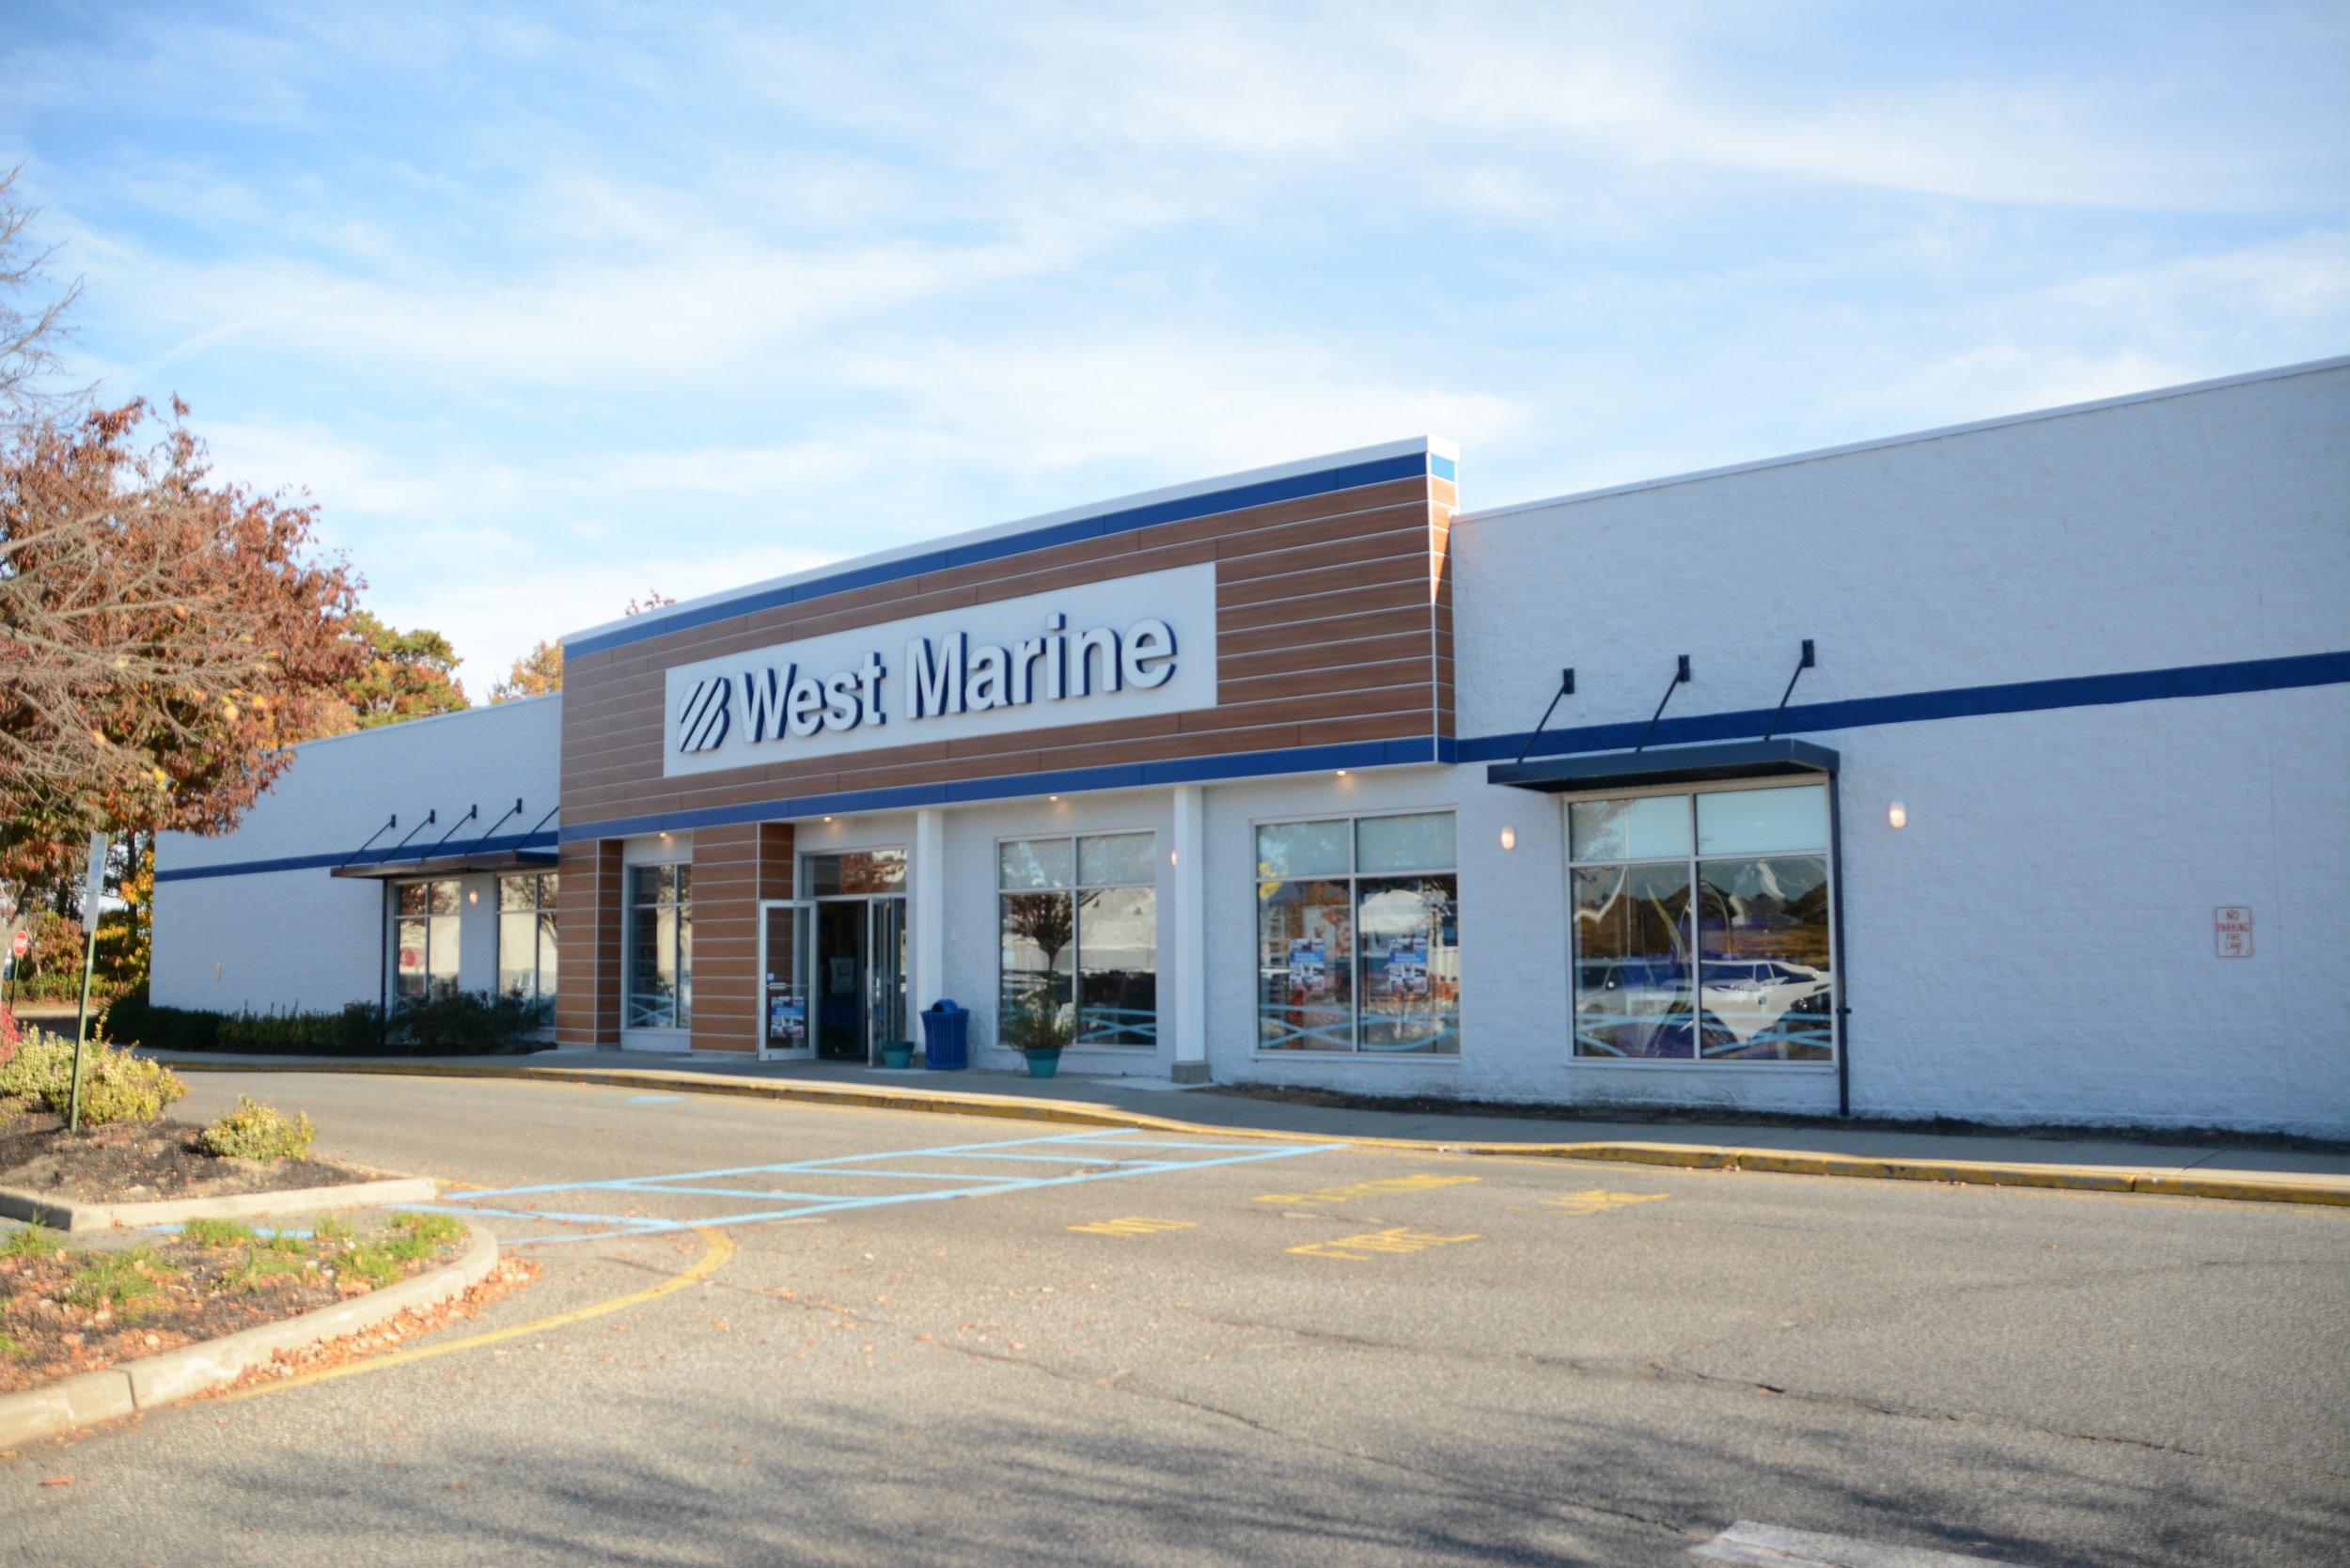 WEST MARINE FACADE | BRICK, NJ